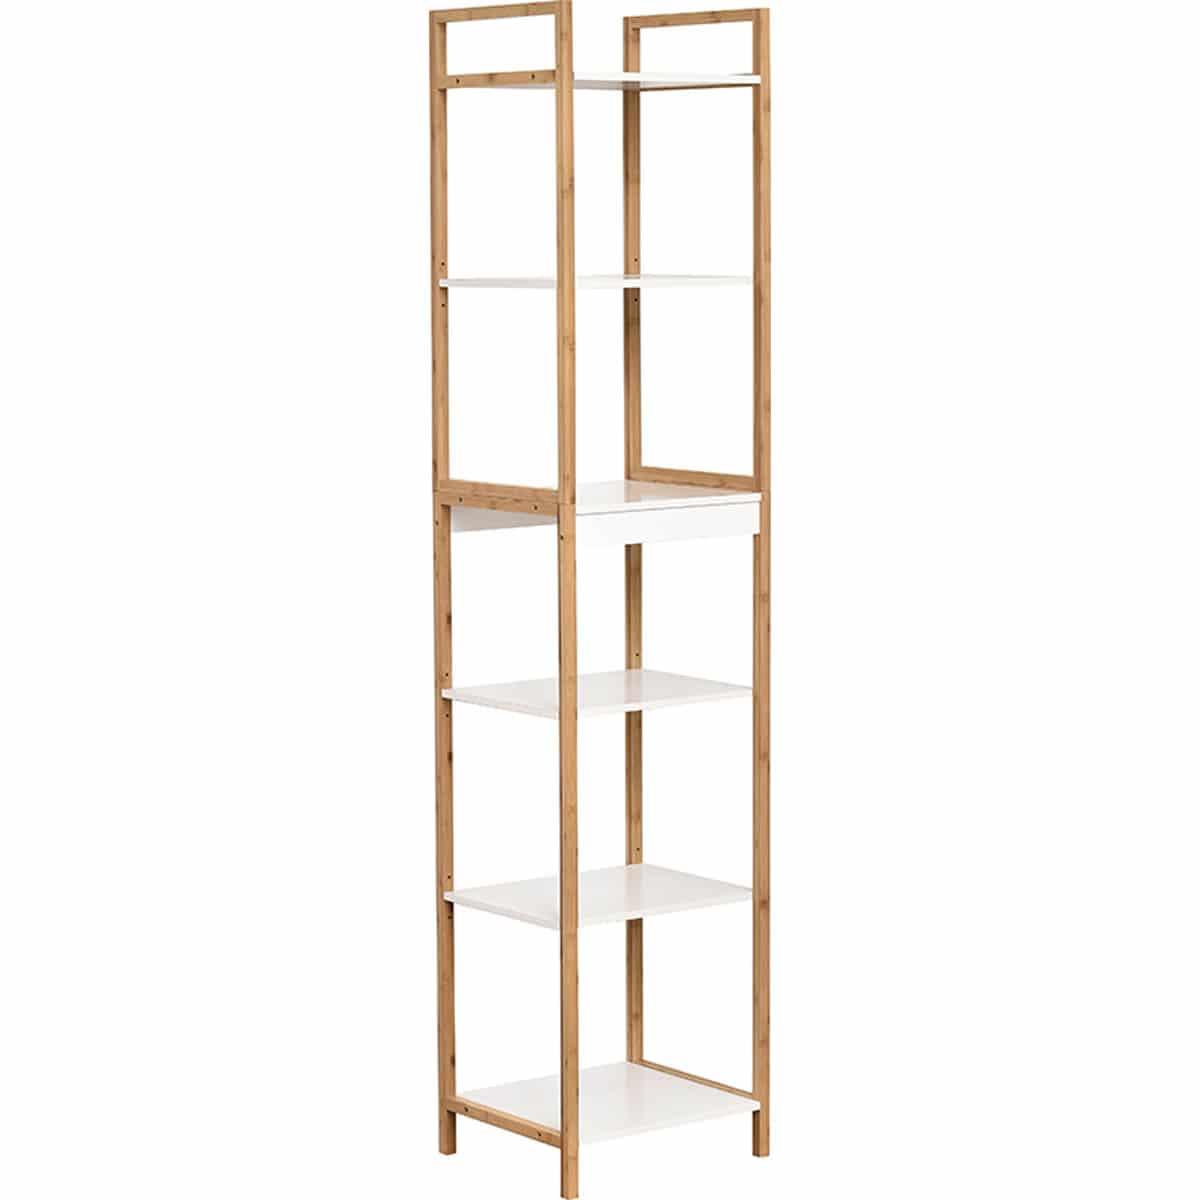 4goodz staand badkamerrek Nuovo 6 hoog 34x40x180 cm - Wit/Bruin